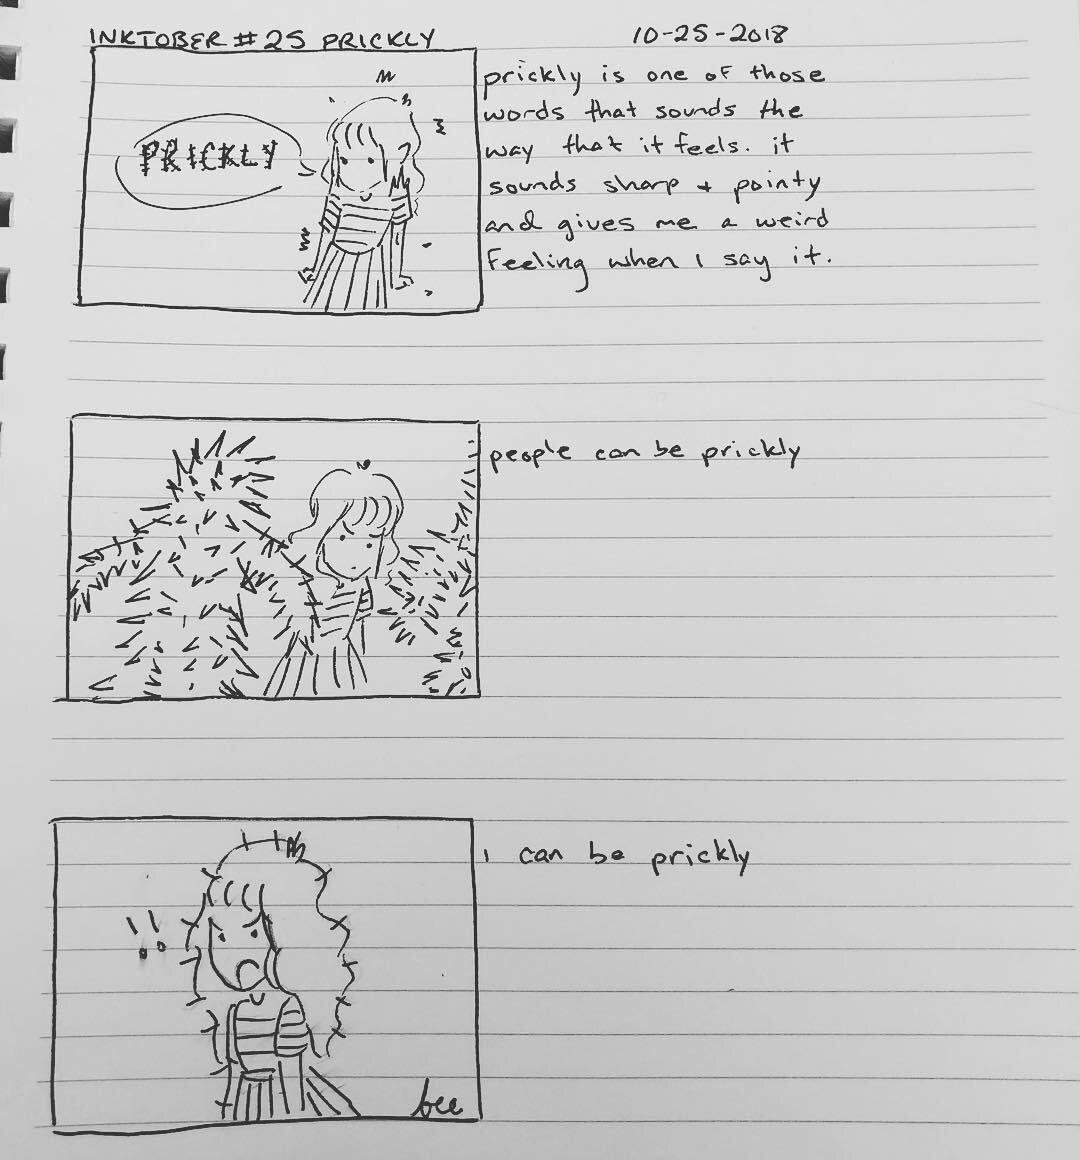 bee prickly.jpg